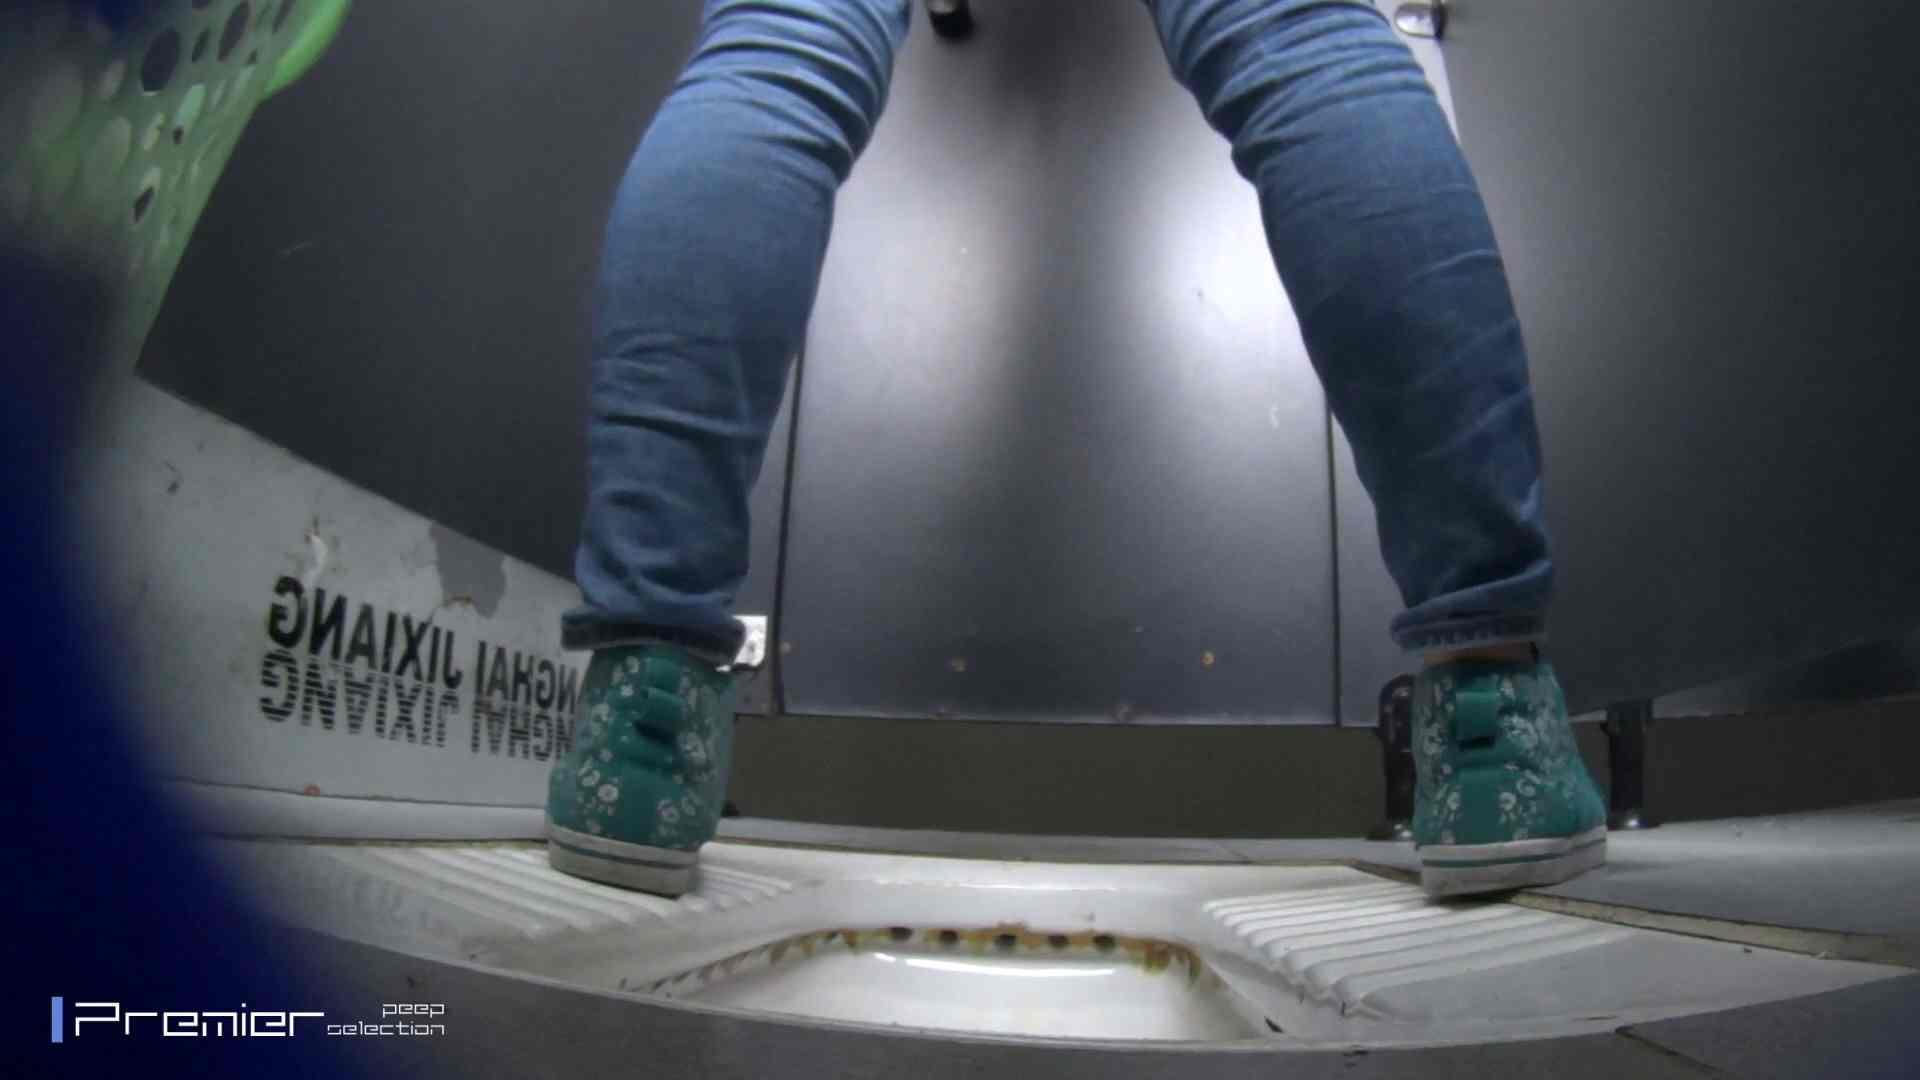 ポチャが多めの洗面所 大学休憩時間の洗面所事情45 高評価 おめこ無修正動画無料 107枚 9